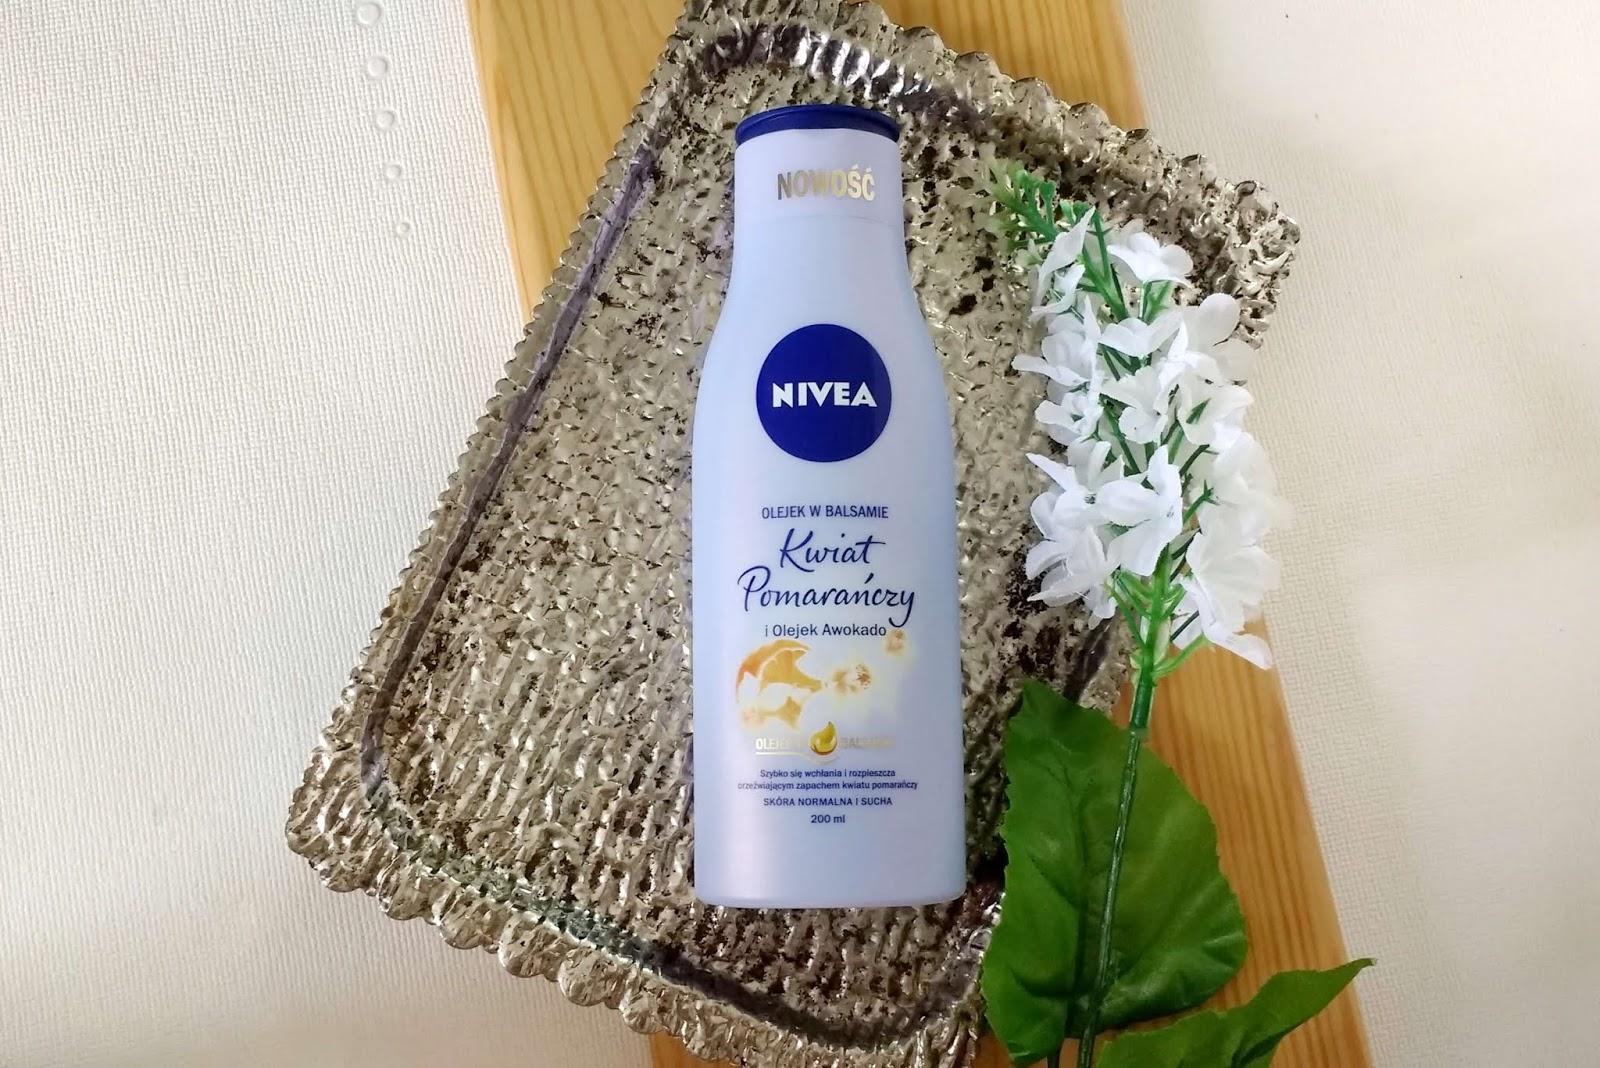 Nowość od Nivea | Olejek w balsamie kwiat pomaranczy i olejek awokado {Recenzja}